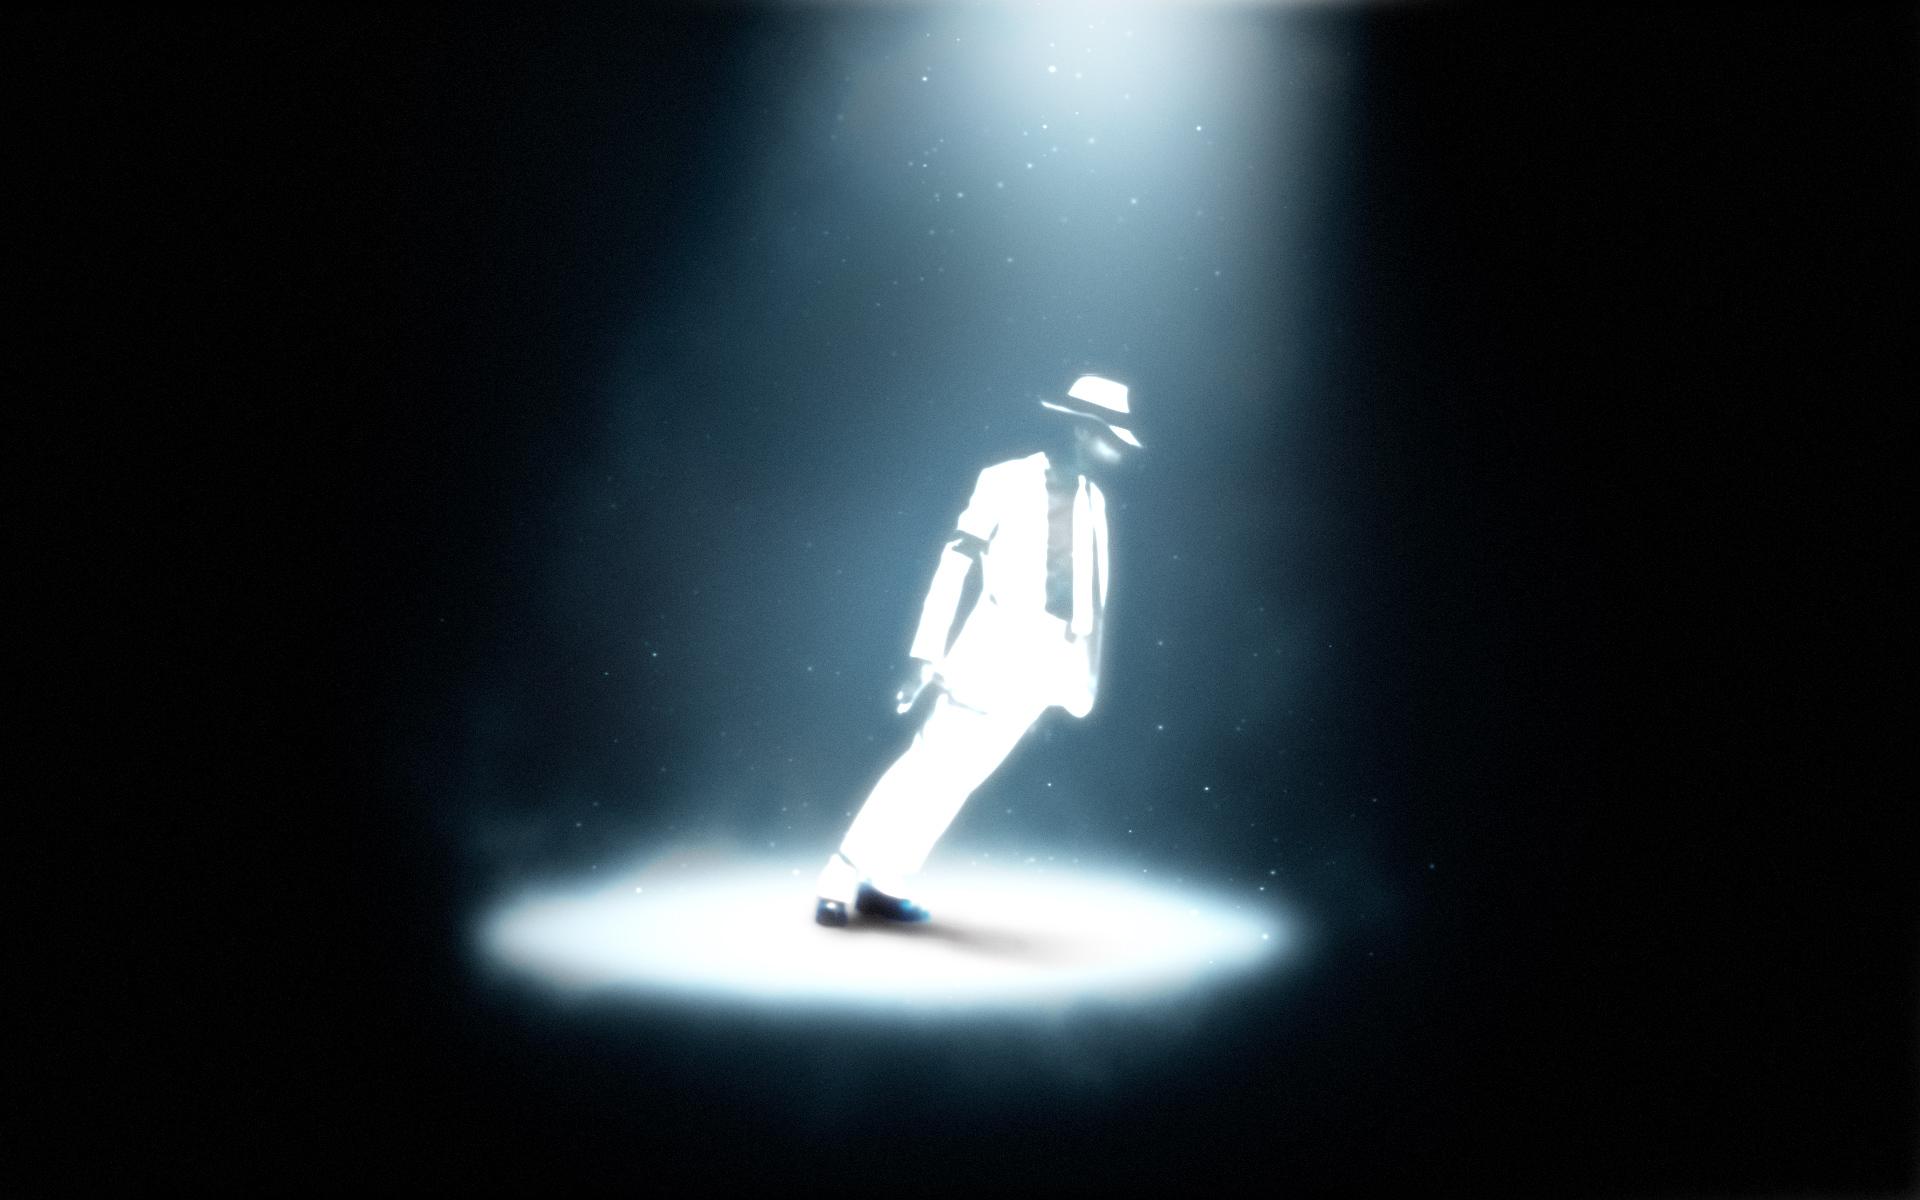 迈克尔 杰克逊 Michael Jackson 壁纸 四 明星壁纸 设计素材